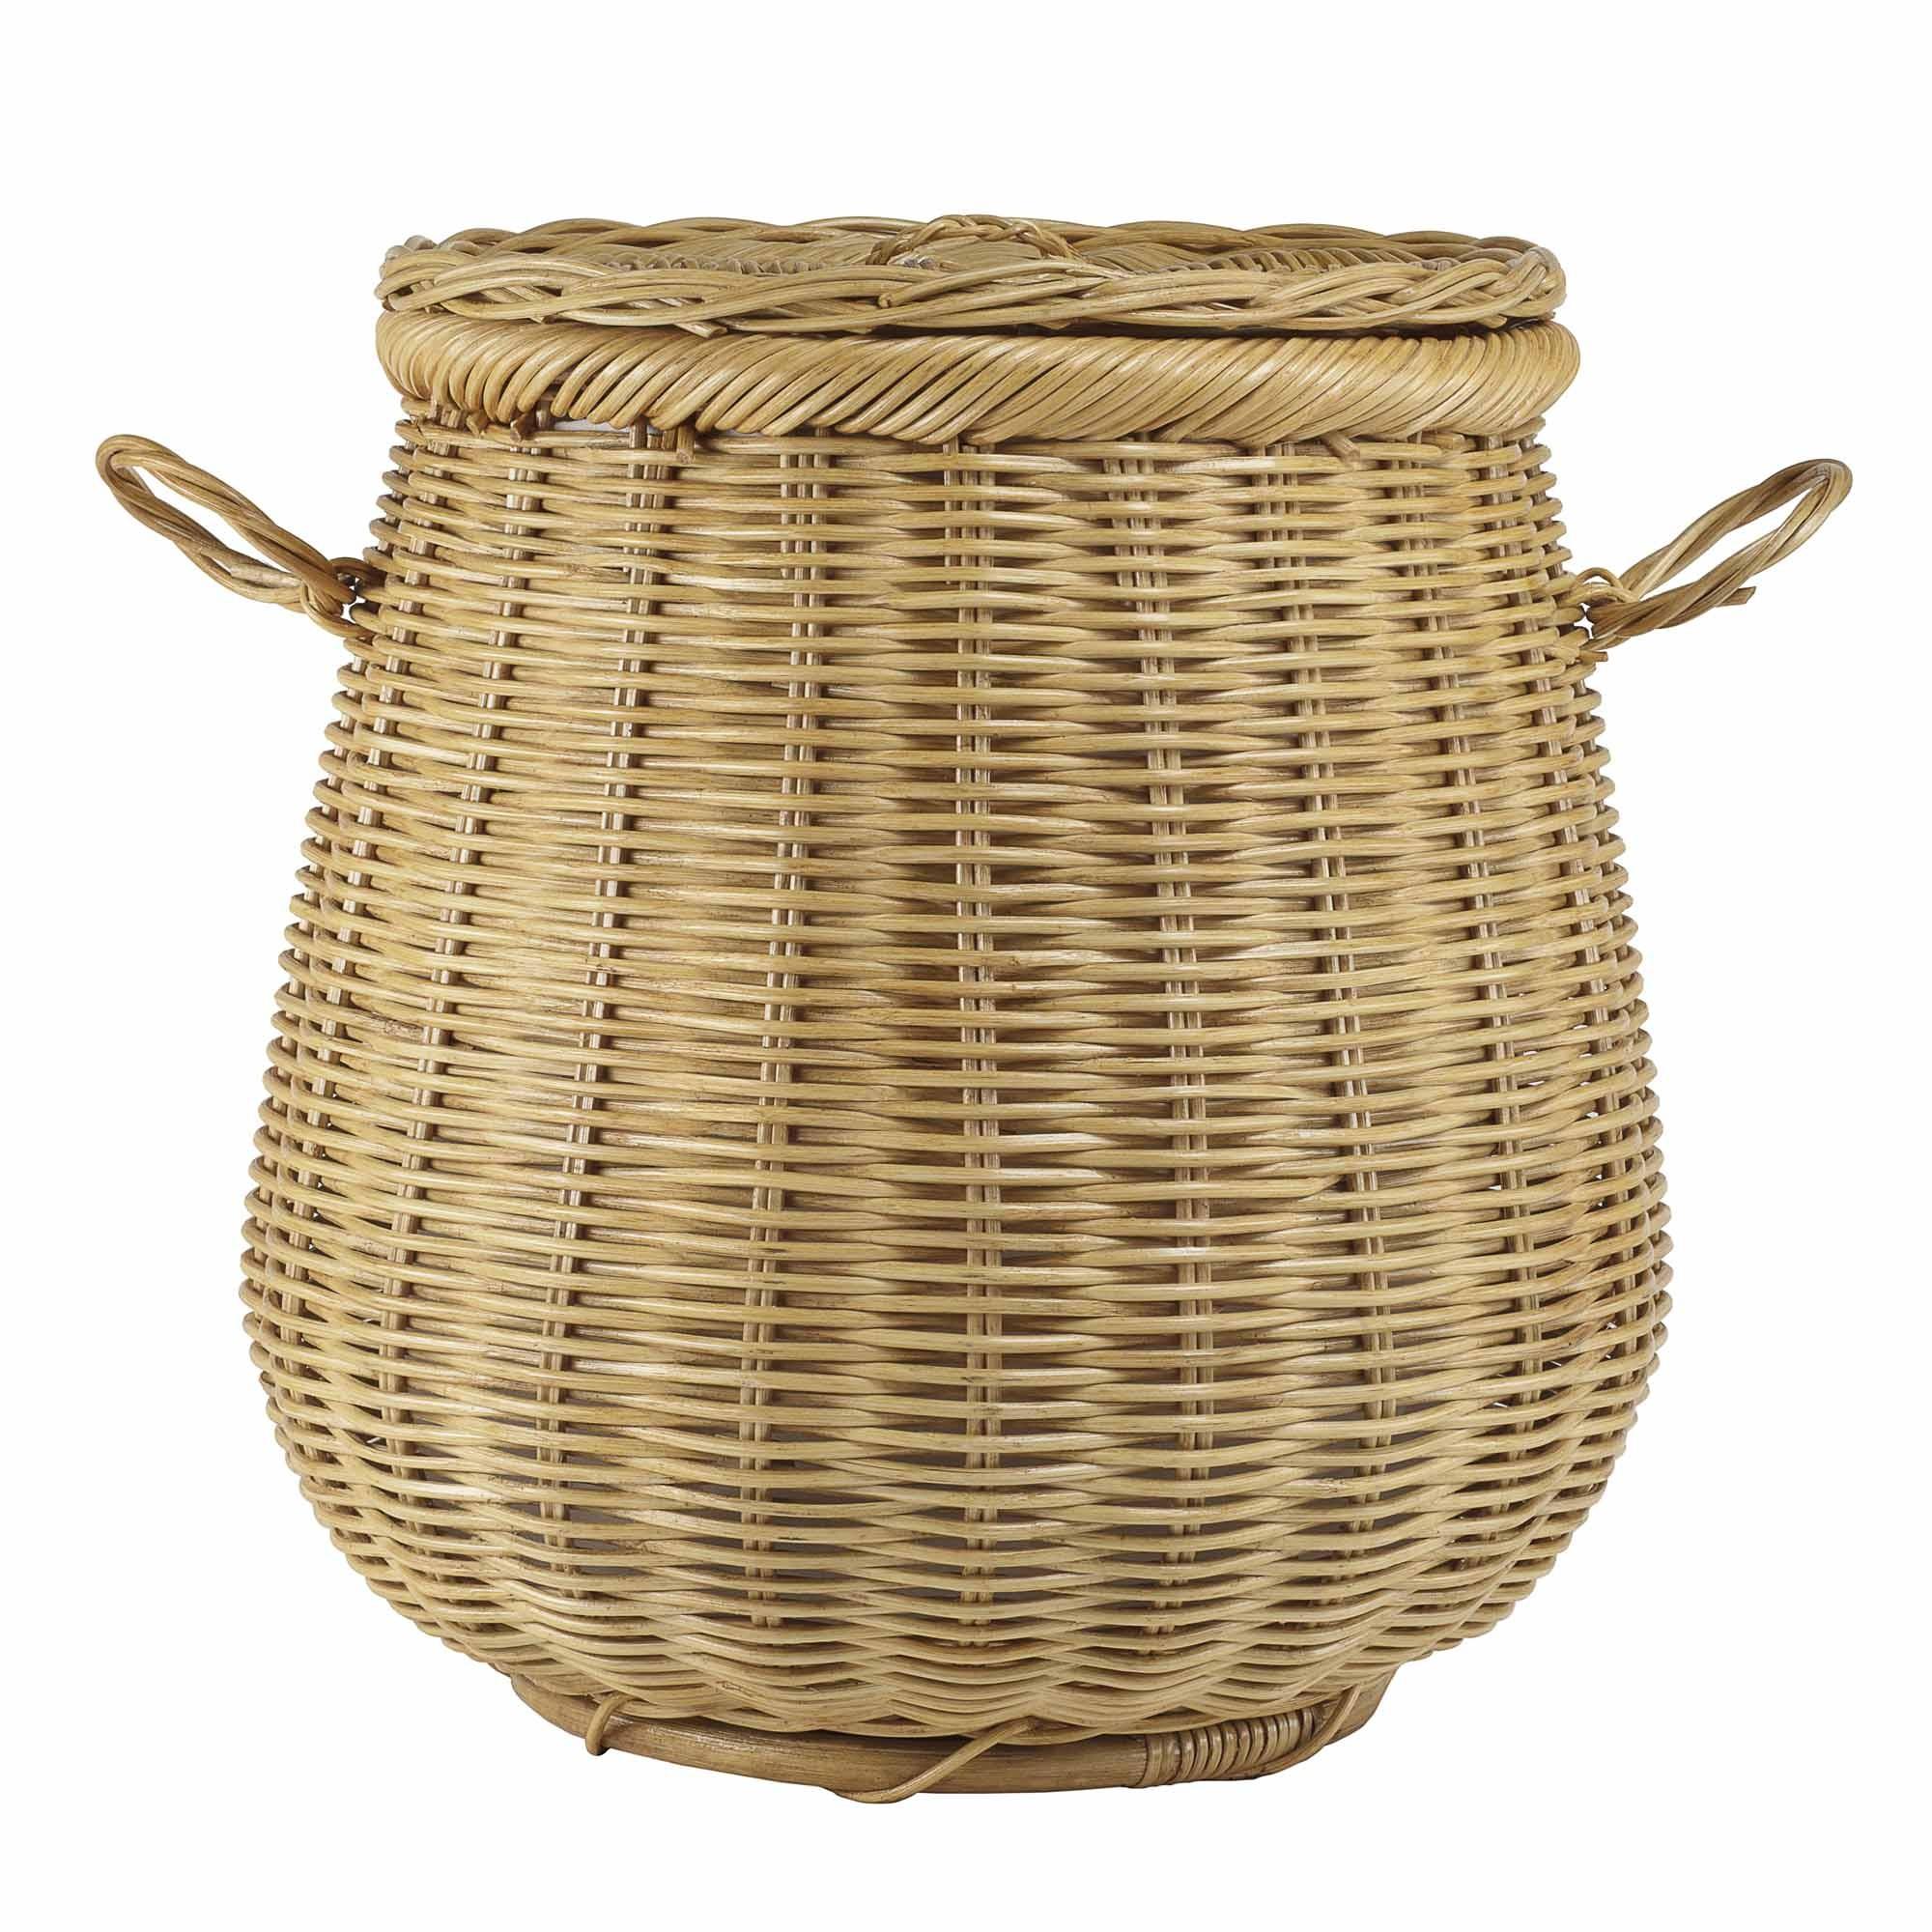 Wicker Basket PNG Transparent Wicker Basket.PNG Images..